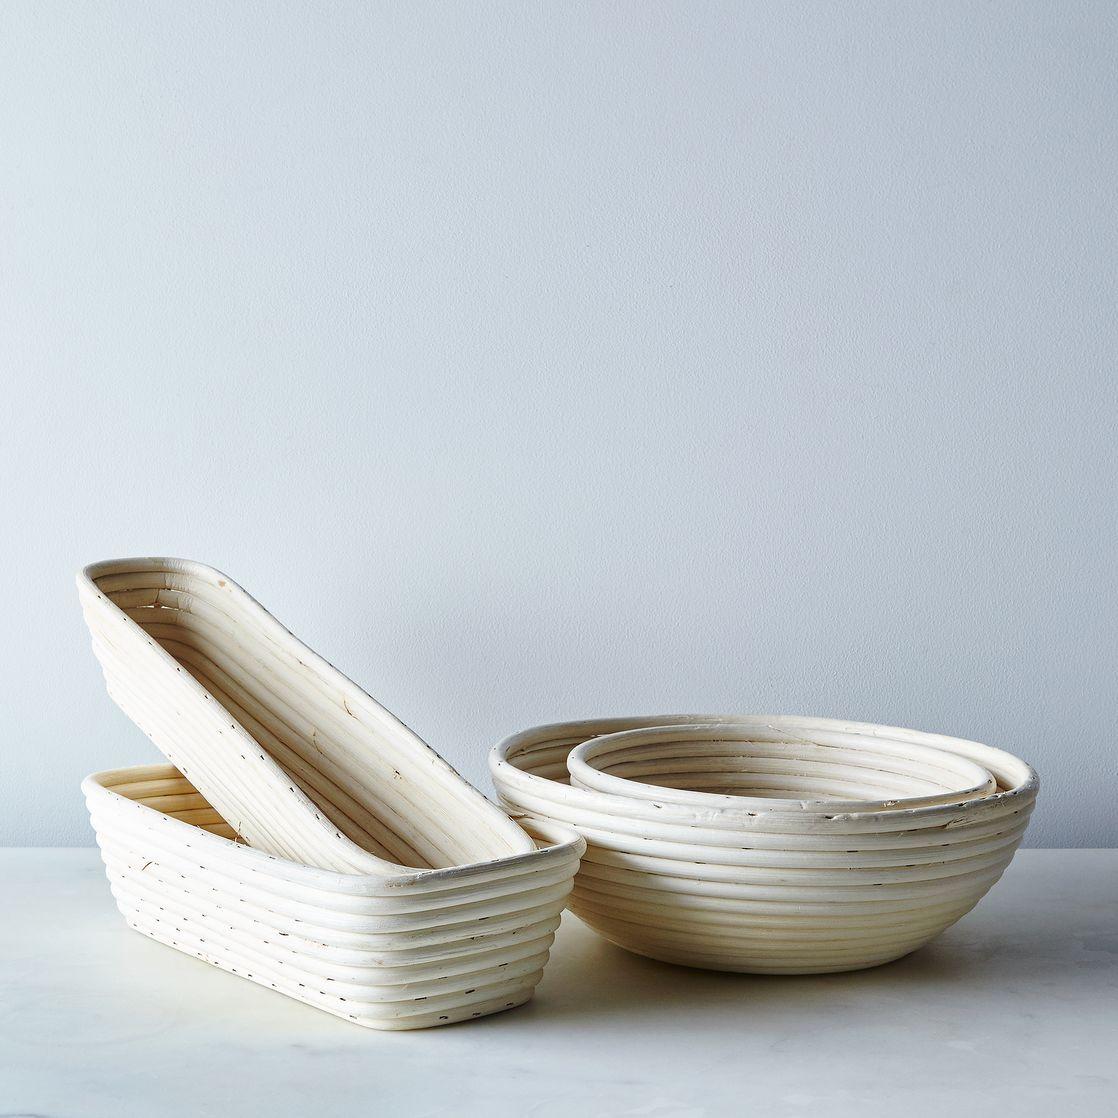 Brotform Bread Rising Baskets No Rise Bread Brotform Food 52